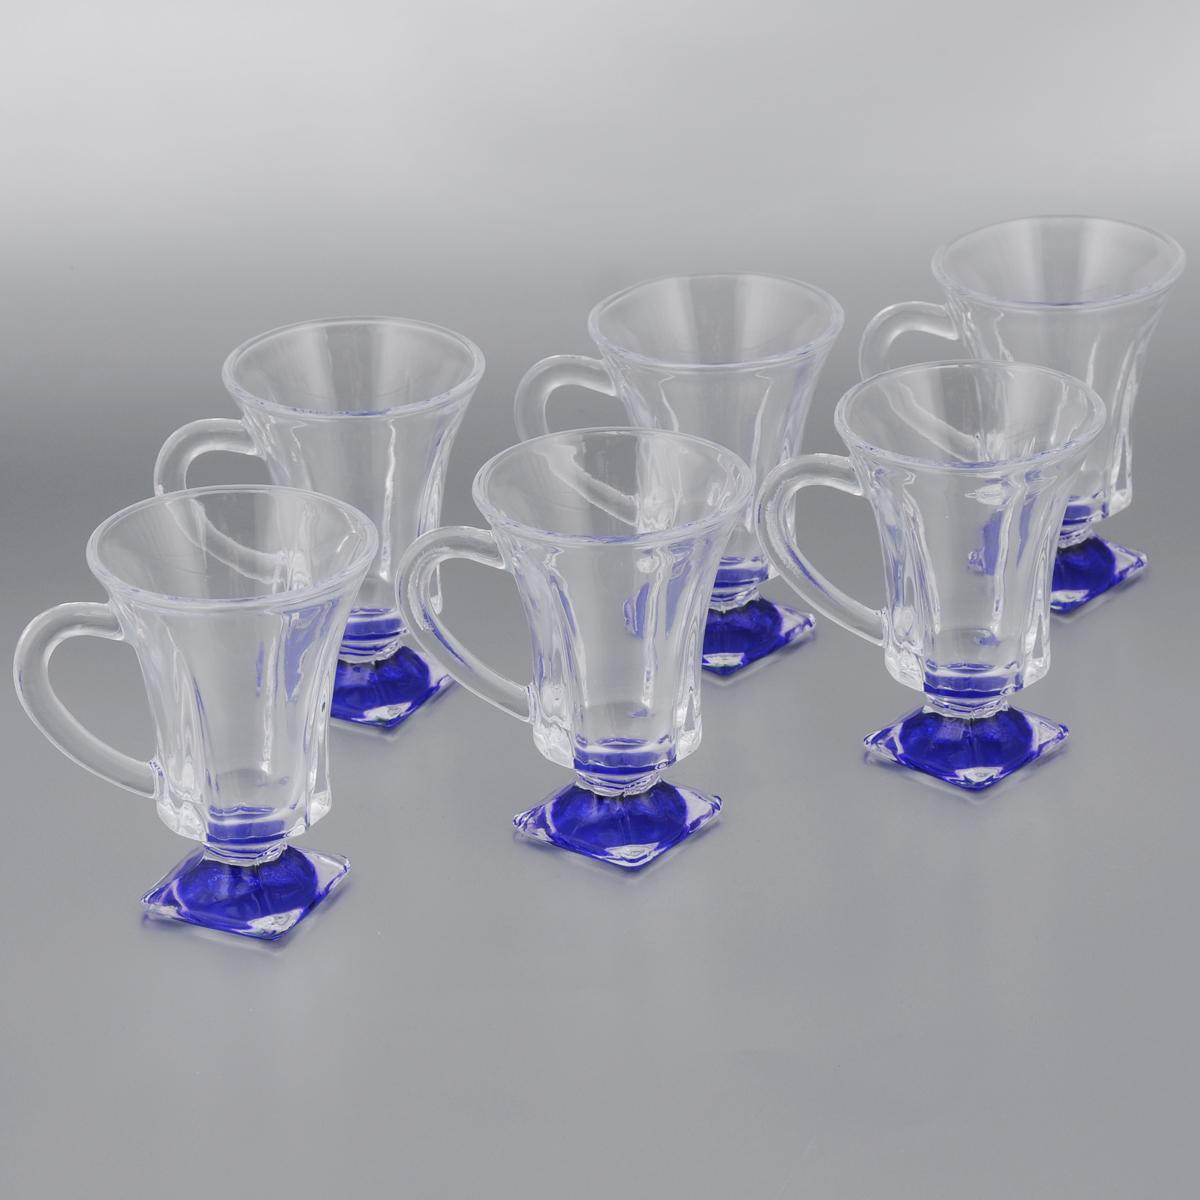 Набор стаканов для глинтвейна Mayer & Boch Loraine, цвет: прозрачный, синий, 150 мл, 6 шт20220_синийНабор Mayer & Boch Loraine состоит из шести стаканов, выполненных из прочного стекла. Предметы набора имеют цветную ножку и декорированы рельефом. Они излучают приятный блеск и издают мелодичный звон. Для удобства изделия оснащены изящной ручкой.Набор Mayer & Boch Loraine прекрасно оформит интерьер кабинета или гостиной и станет отличным дополнением бара. Такой набор также станет хорошим подарком к любому случаю. Диаметр стакана (по верхнему краю): 8 см.Высота стакана: 11 см.